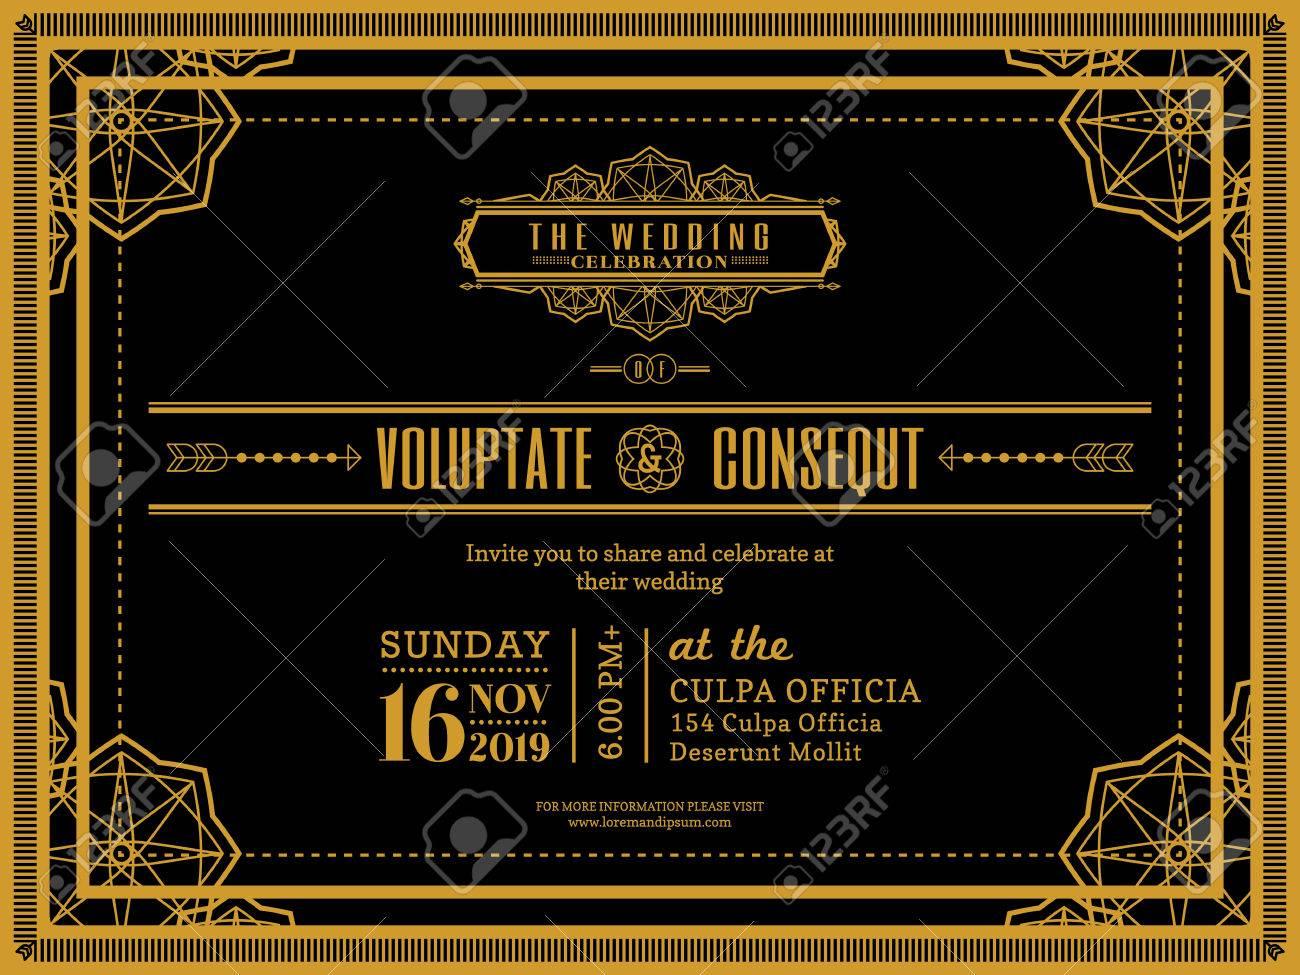 Vintage Wedding invitation card border and frame design template - 50150435